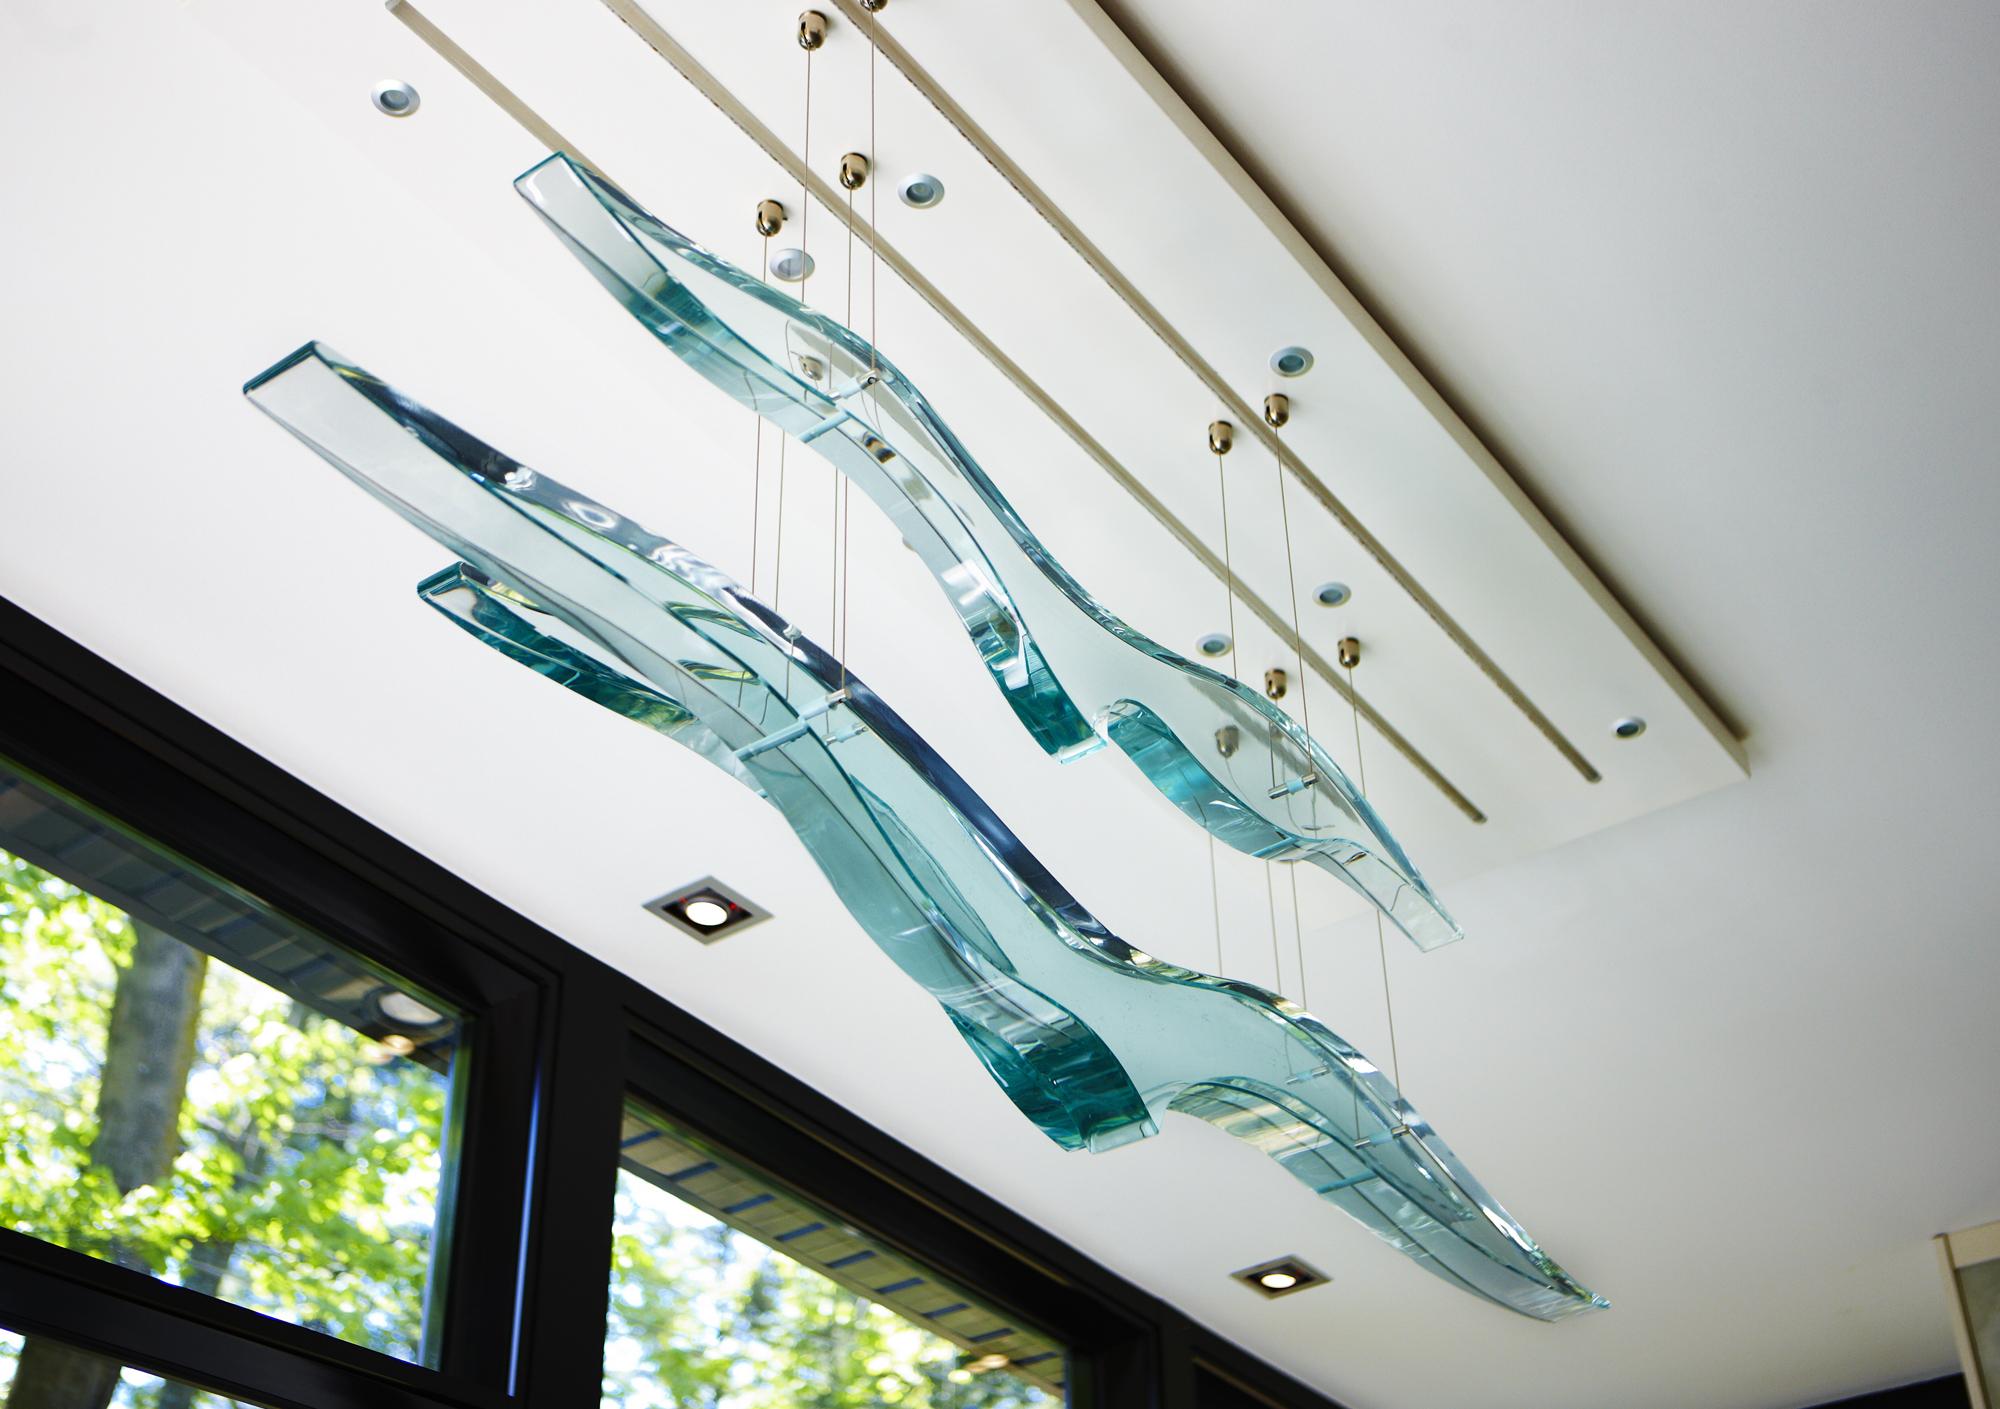 Thinkglass Artist Creates Glass Birds